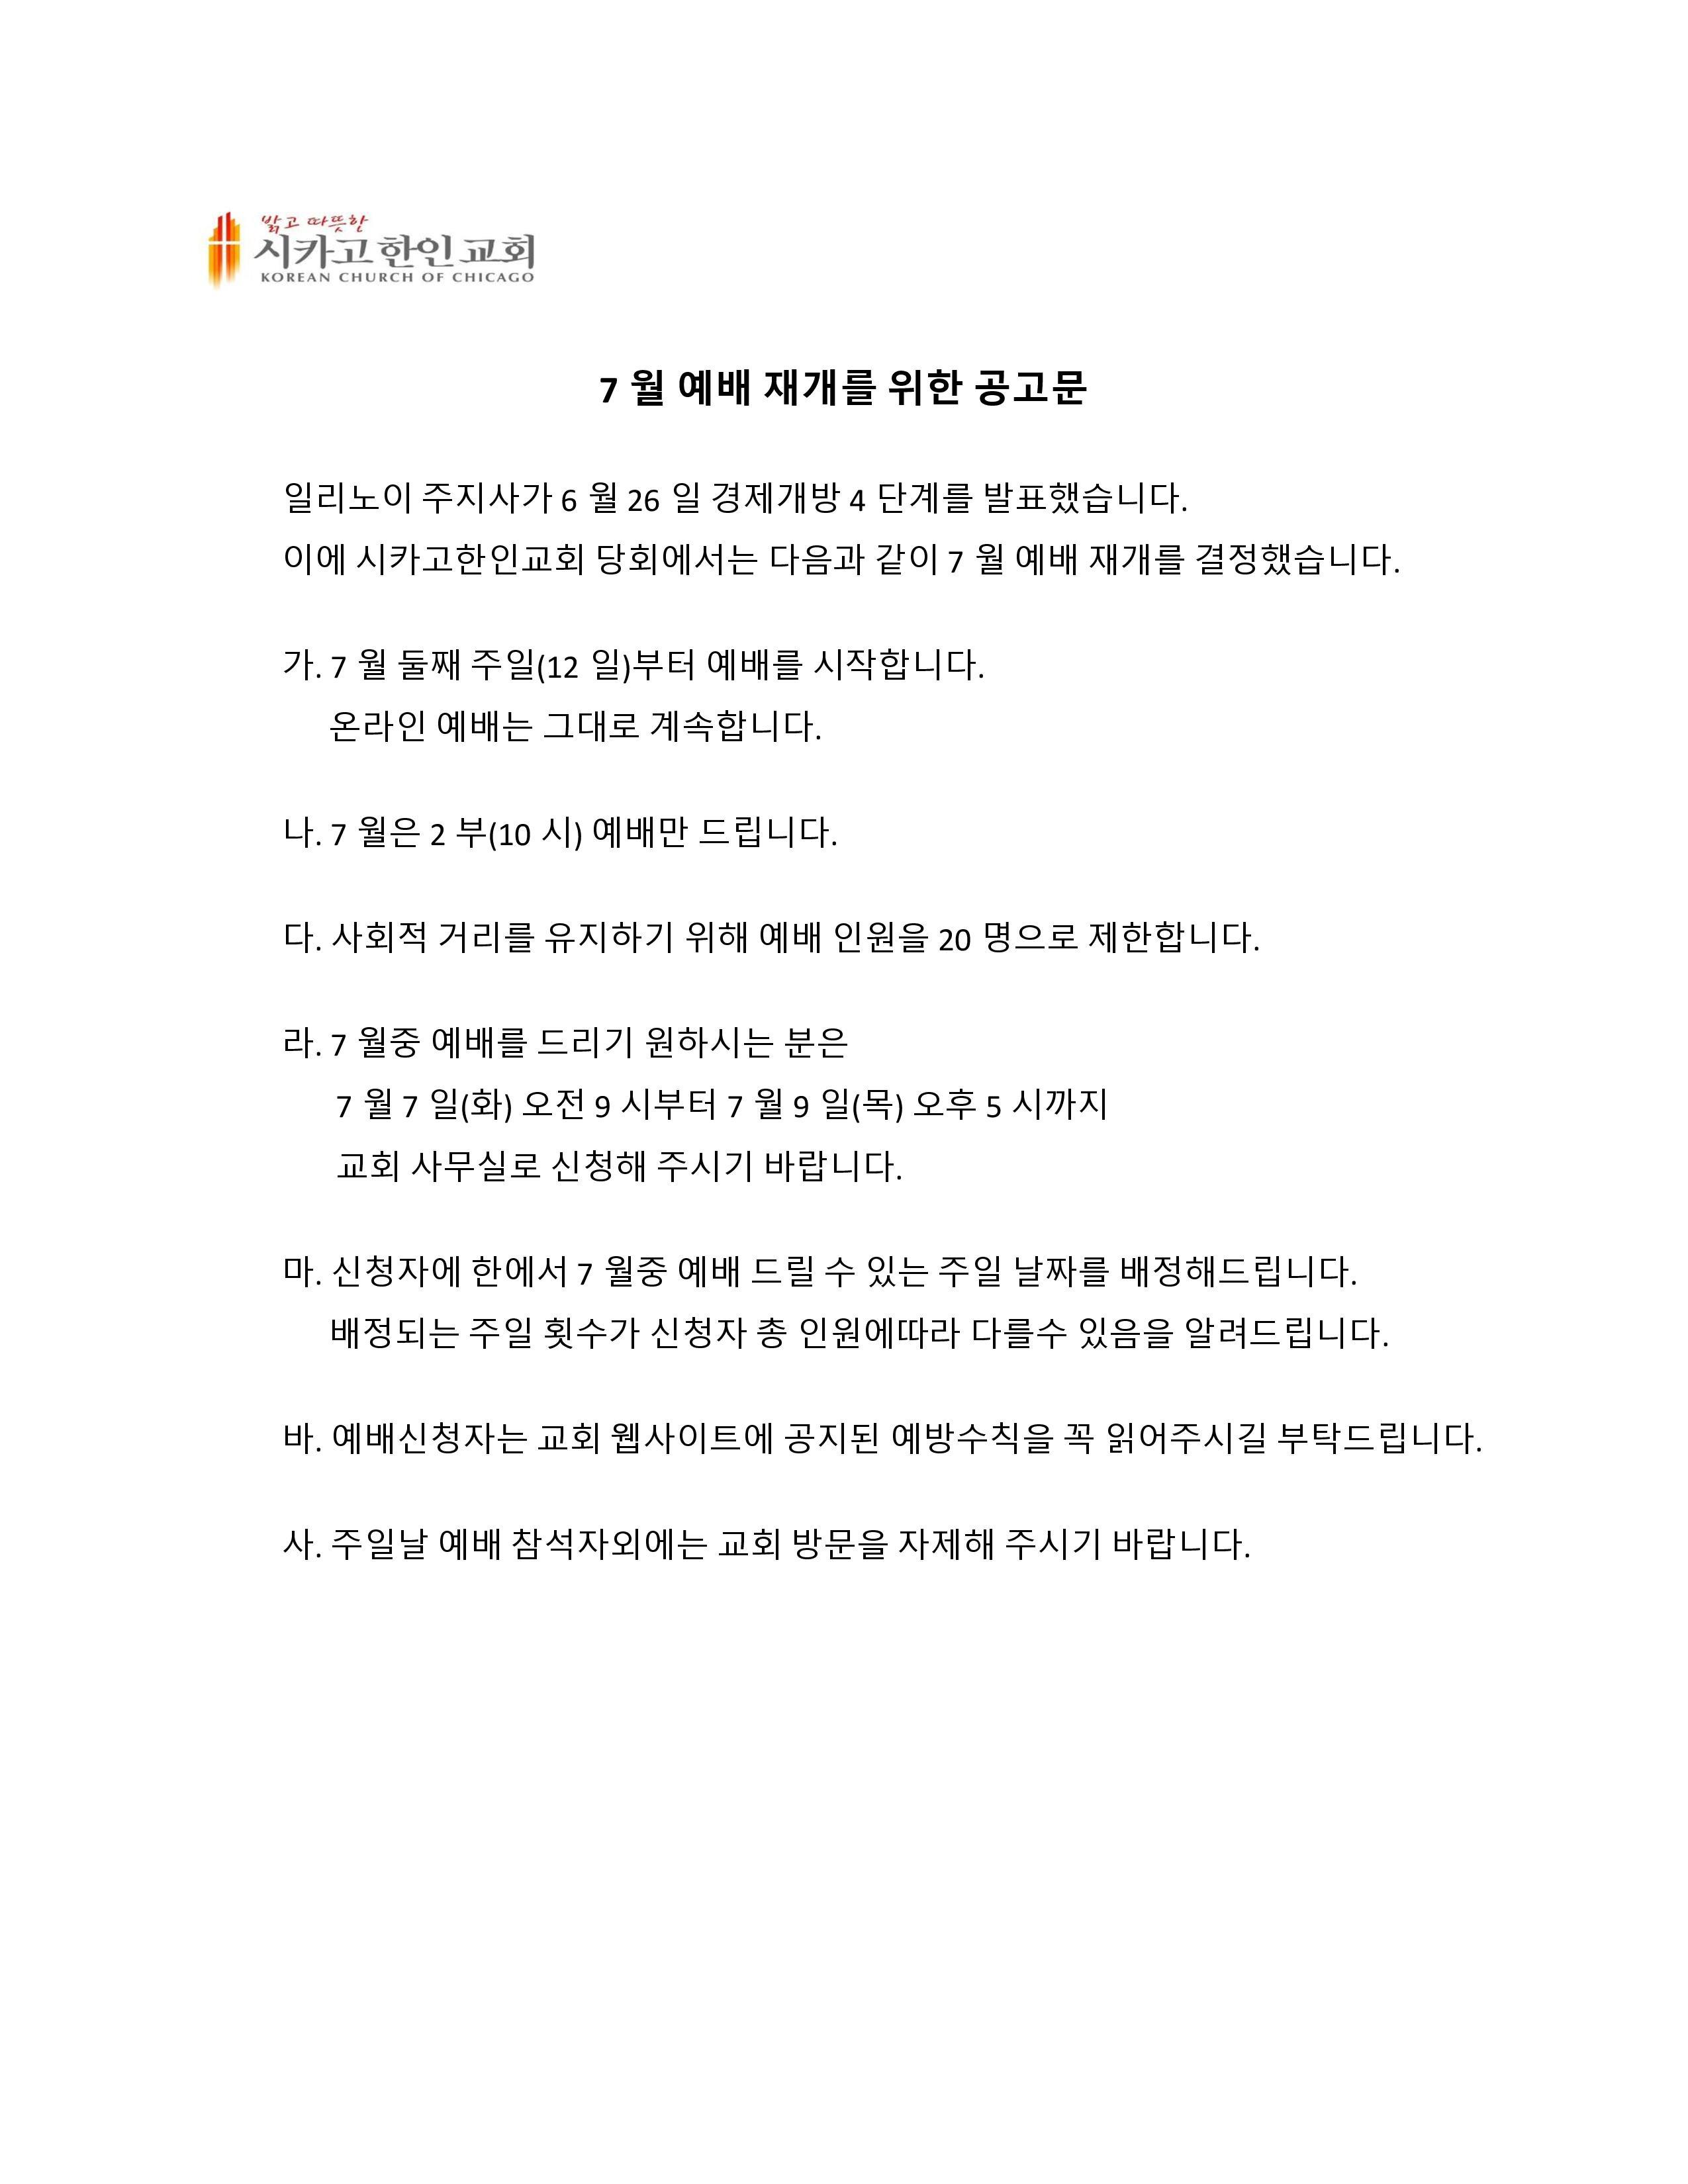 7월 예배 재개를 위한 공고문(웹사이트)1.jpg